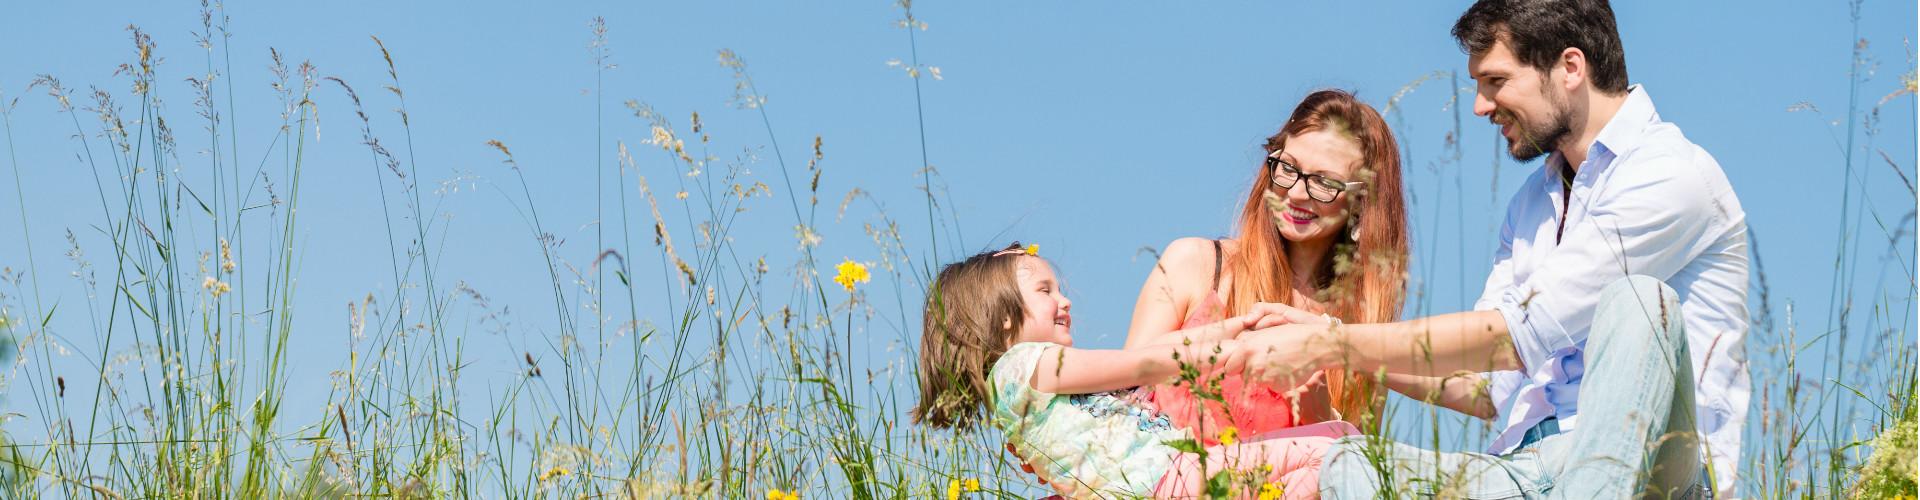 Eltern mit Tochter auf Wiese © Minerva Studio , adobe.stock.com